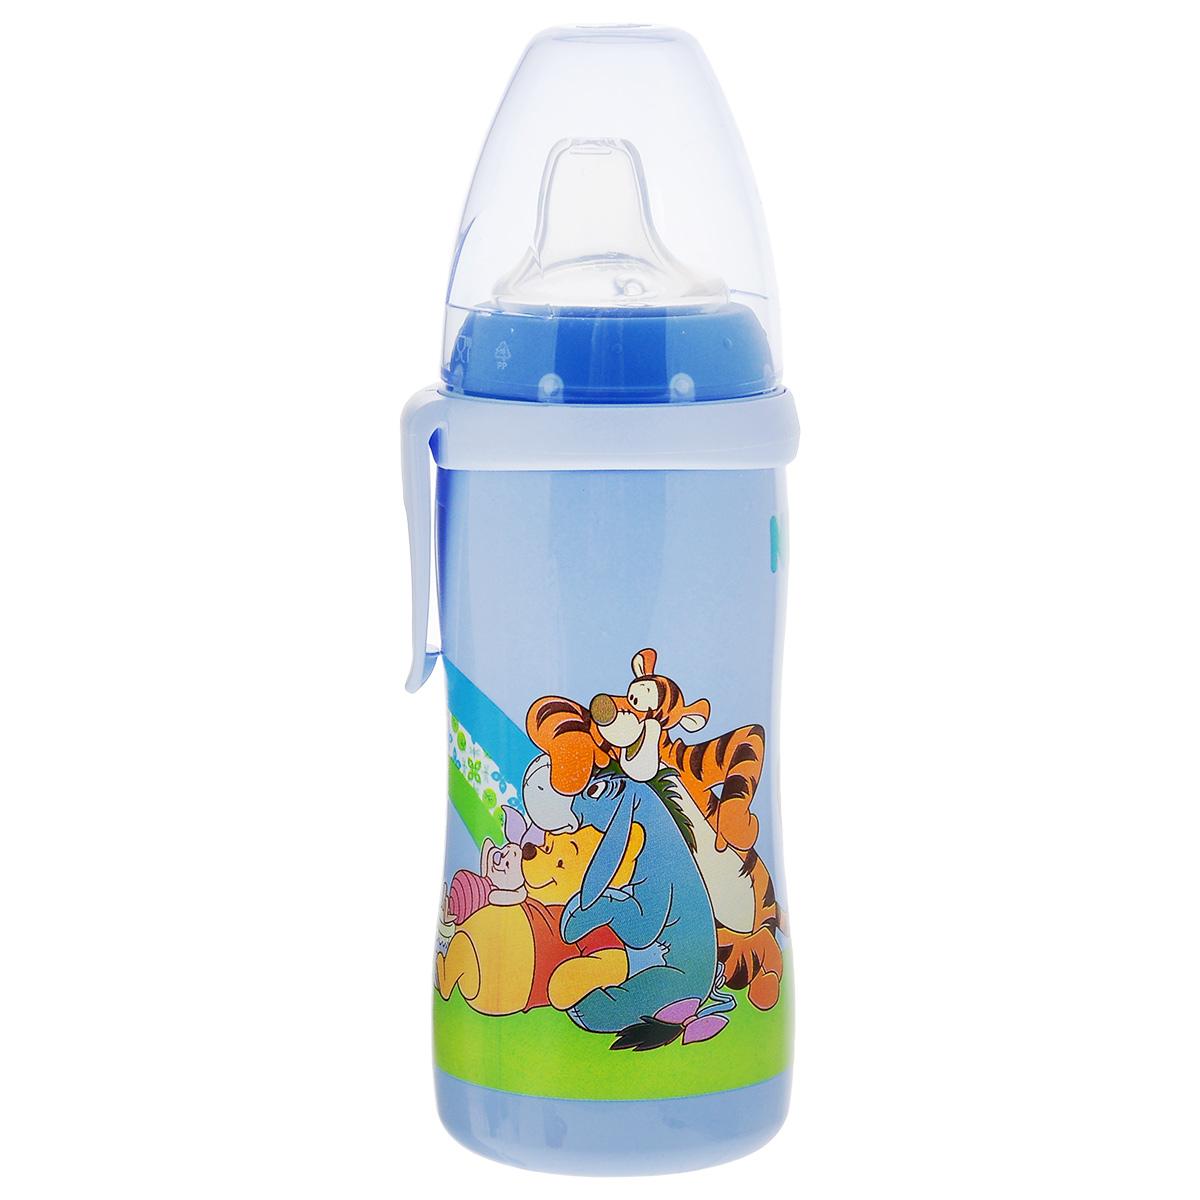 Бутылочка-поильник NUK Active Cup. Disney, с силиконовым носиком, от 12 месяцев, цвет: голубой, 300 мл бутылочка поильник nuk active cup с силиконовым носиком 300 мл от 12 месяцев цвет голубой